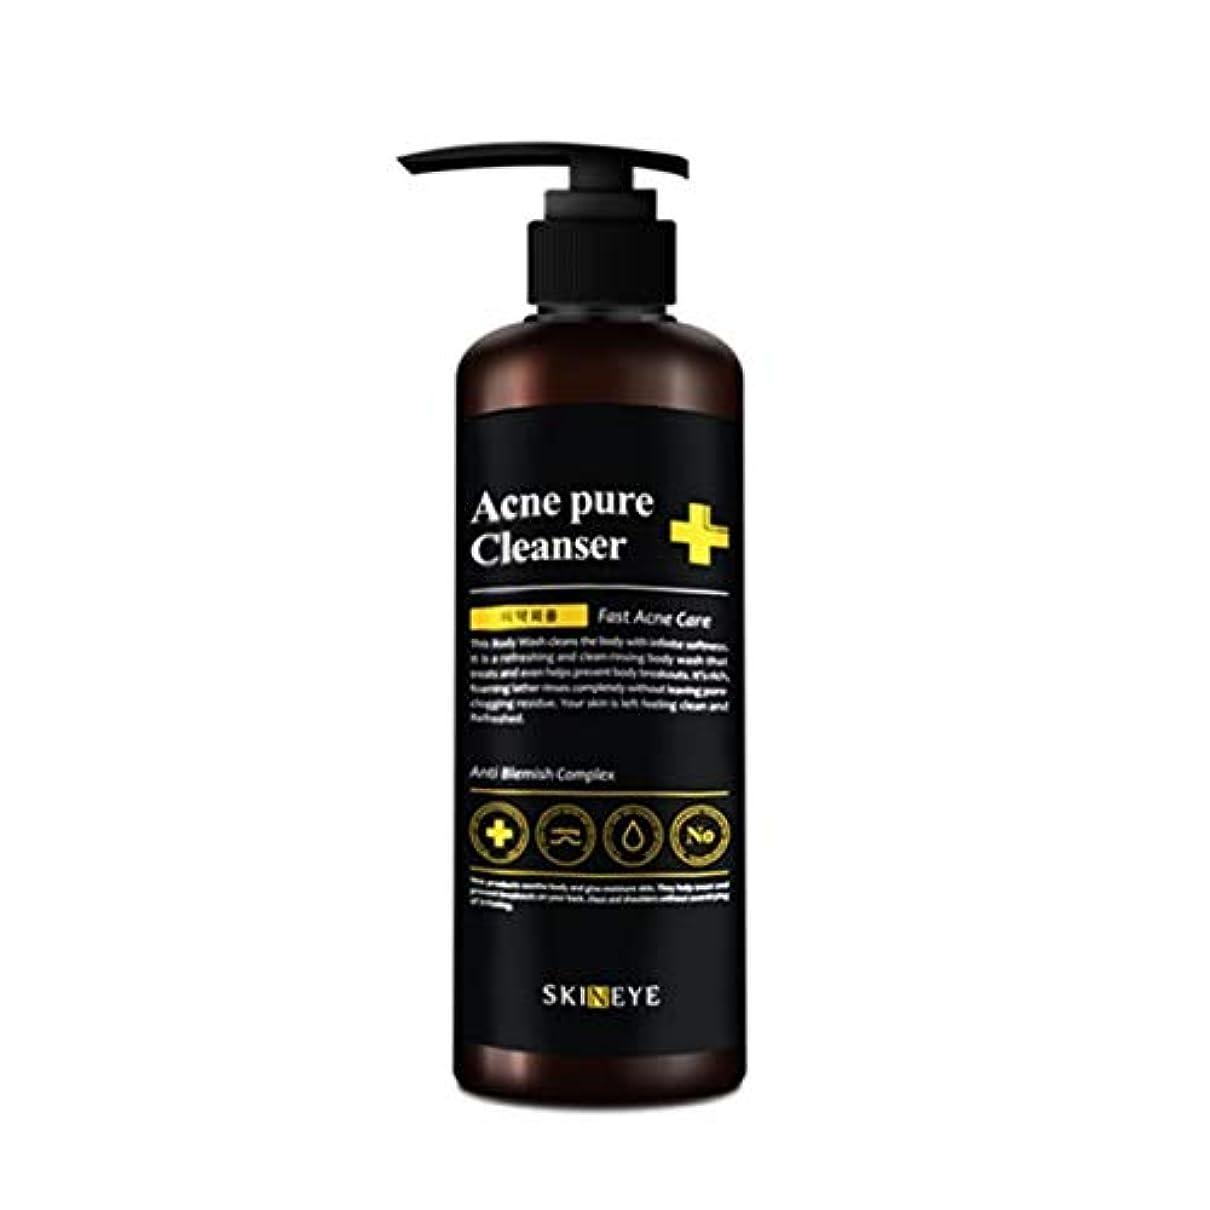 物足りないモンゴメリーライオンスキンアイアクネピュアクレンザー300mlの老廃物除去、Skineye Acne Pure Cleanser 300ml Waste Removal [並行輸入品]